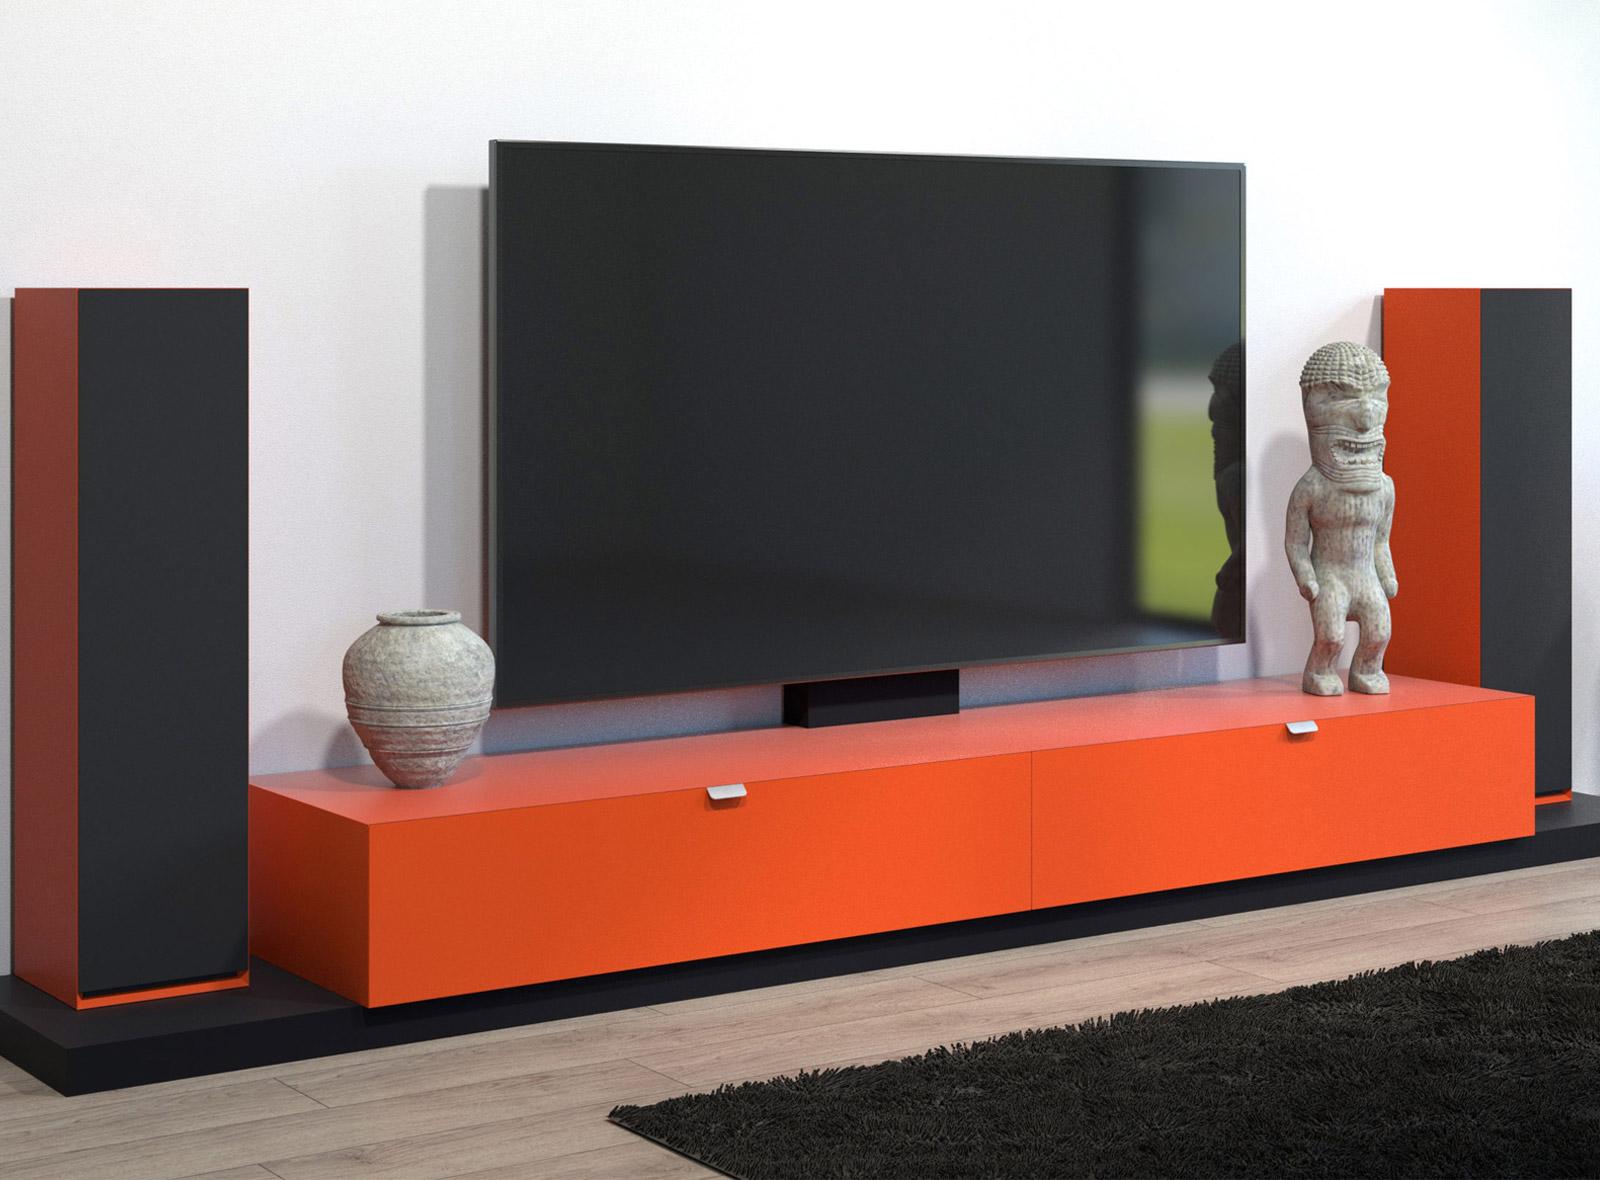 Möbel Swiss HD Longboard farbig von Dynavoy